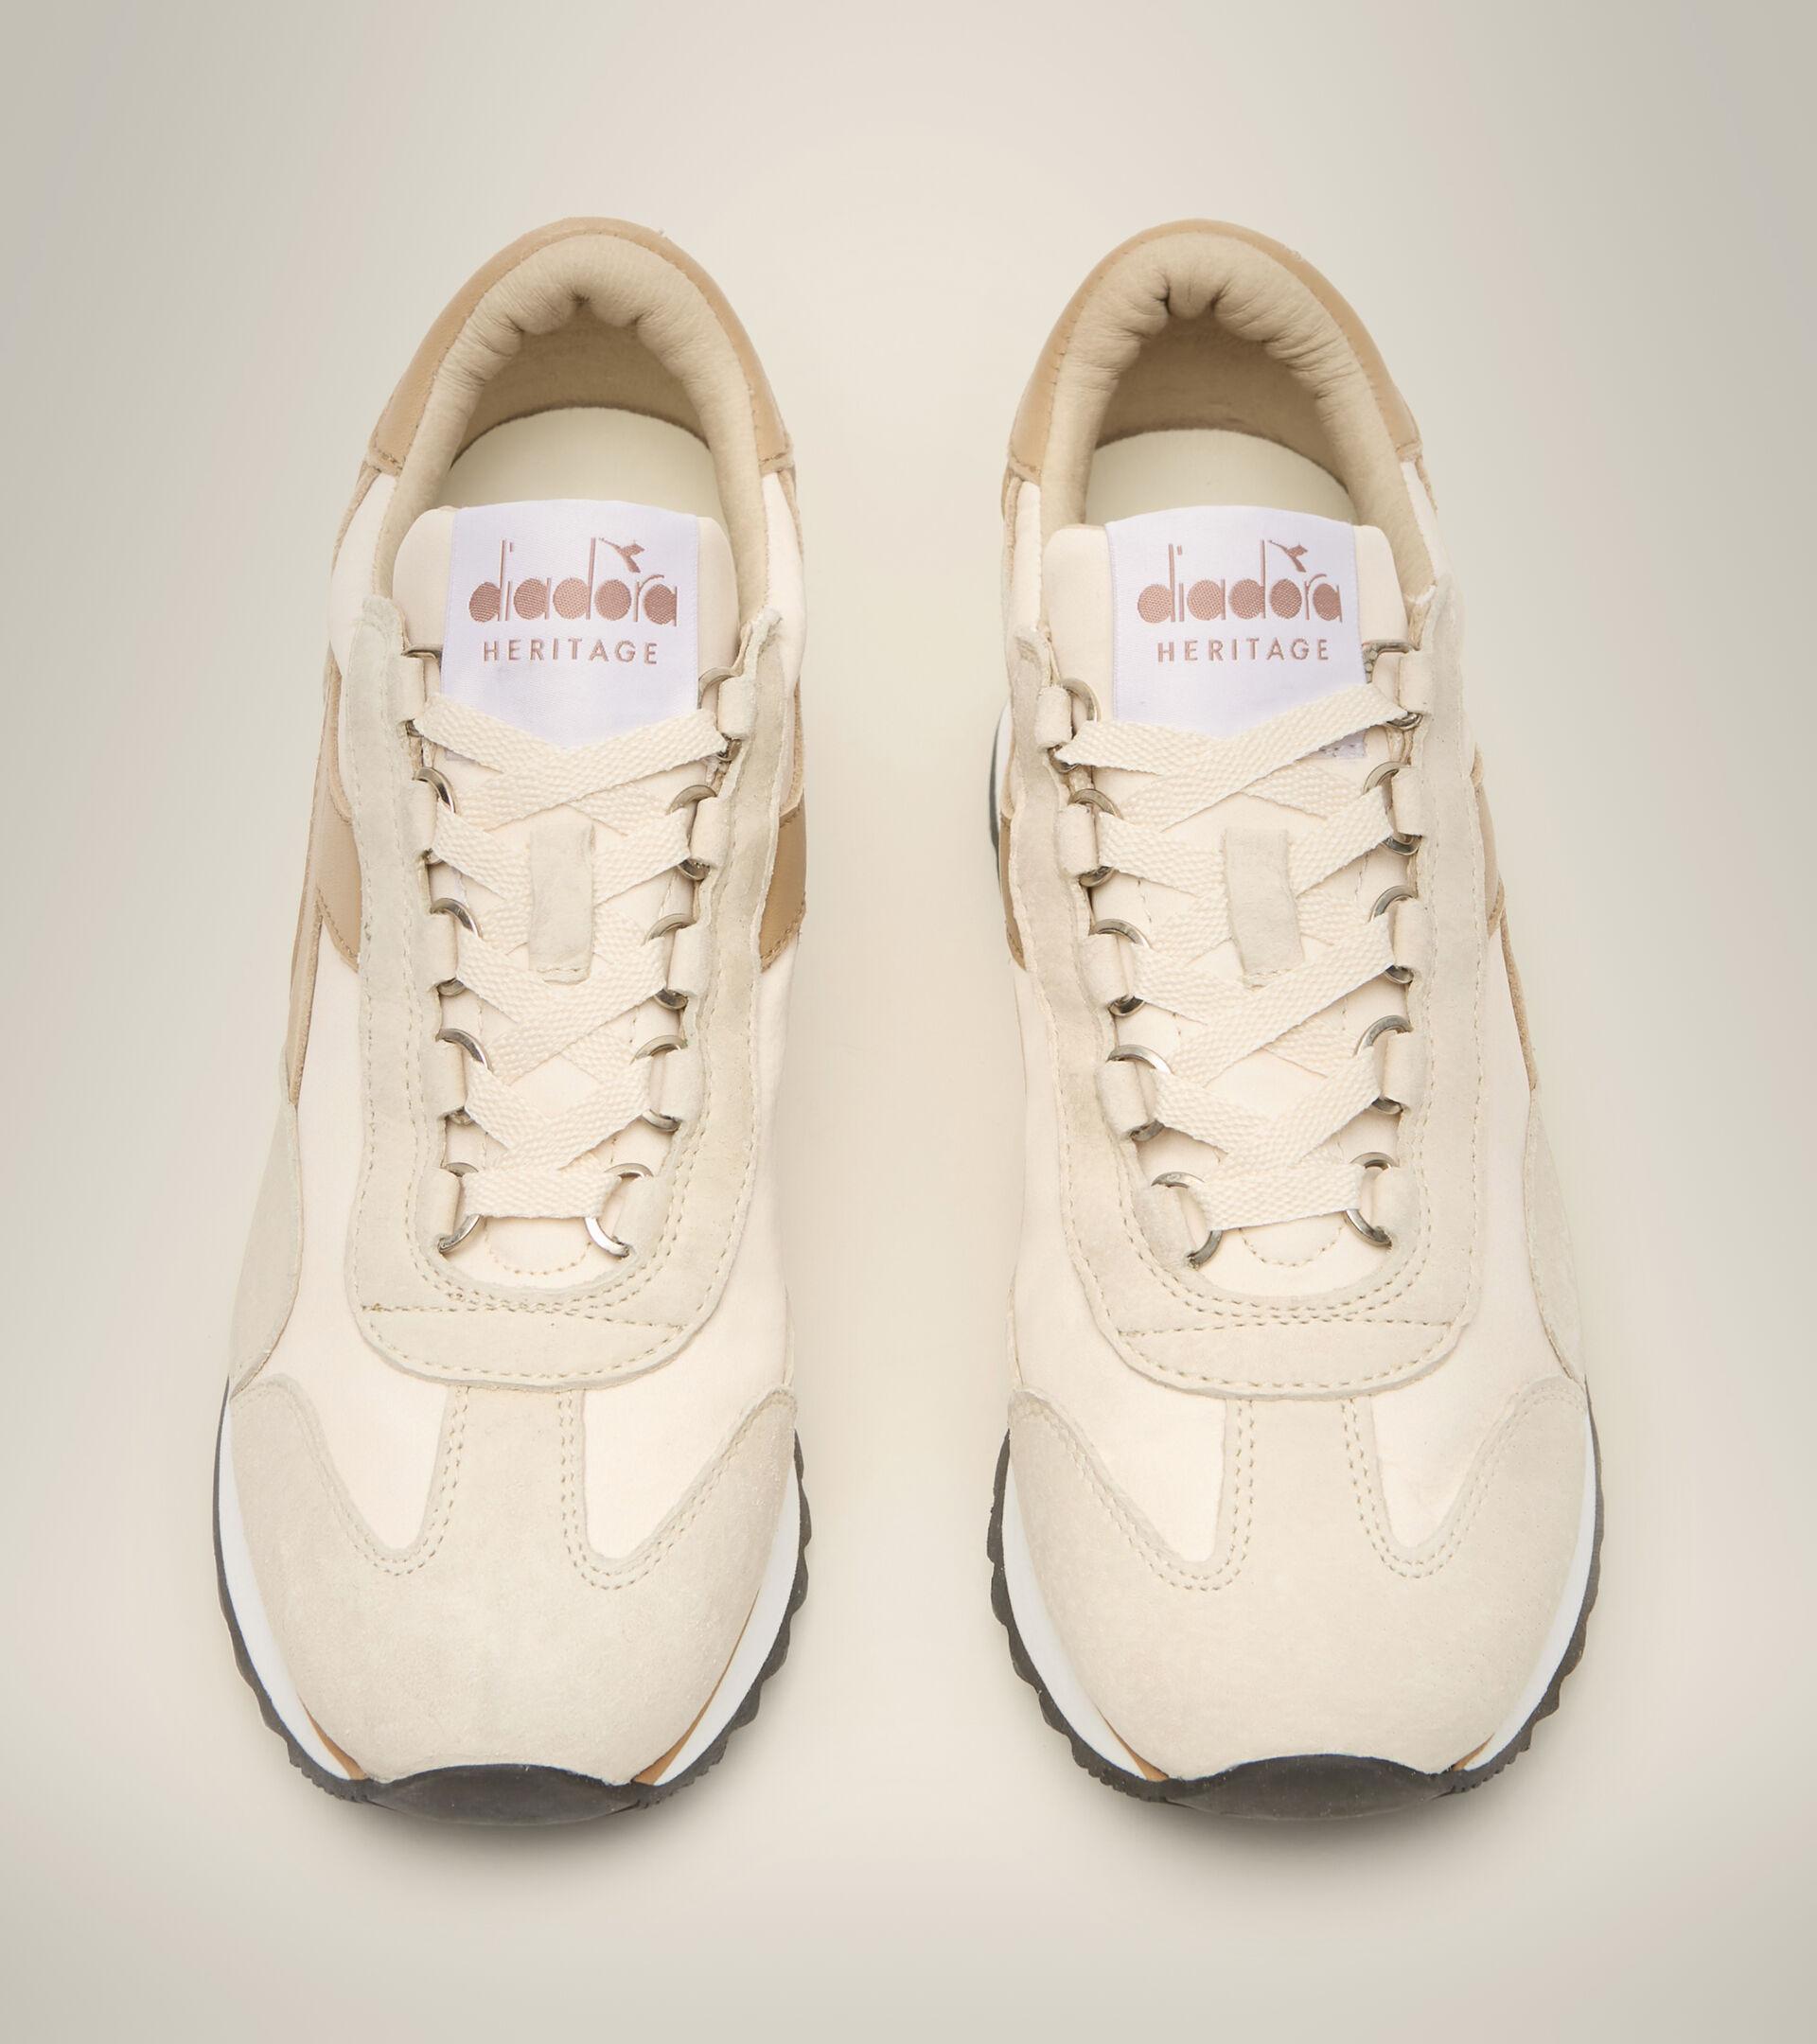 Heritage-Schuh - Damen EQUIPE SUEDE SW EVO WN EIERLIKOER WEISS - Diadora